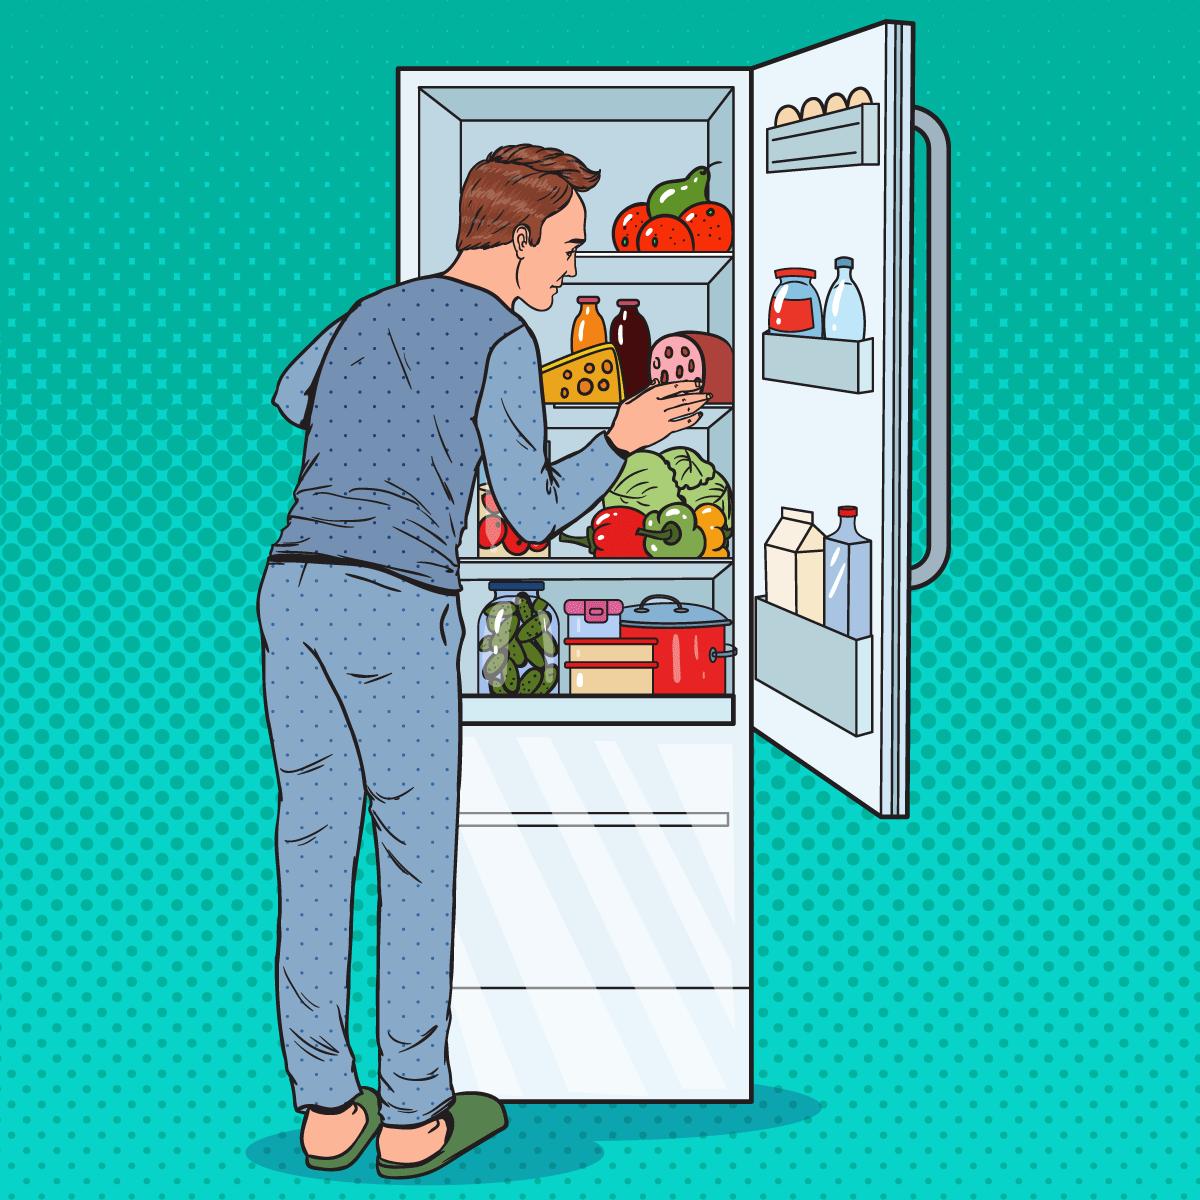 Анекдот промужа, вечнонедовольного содержимым холодильника